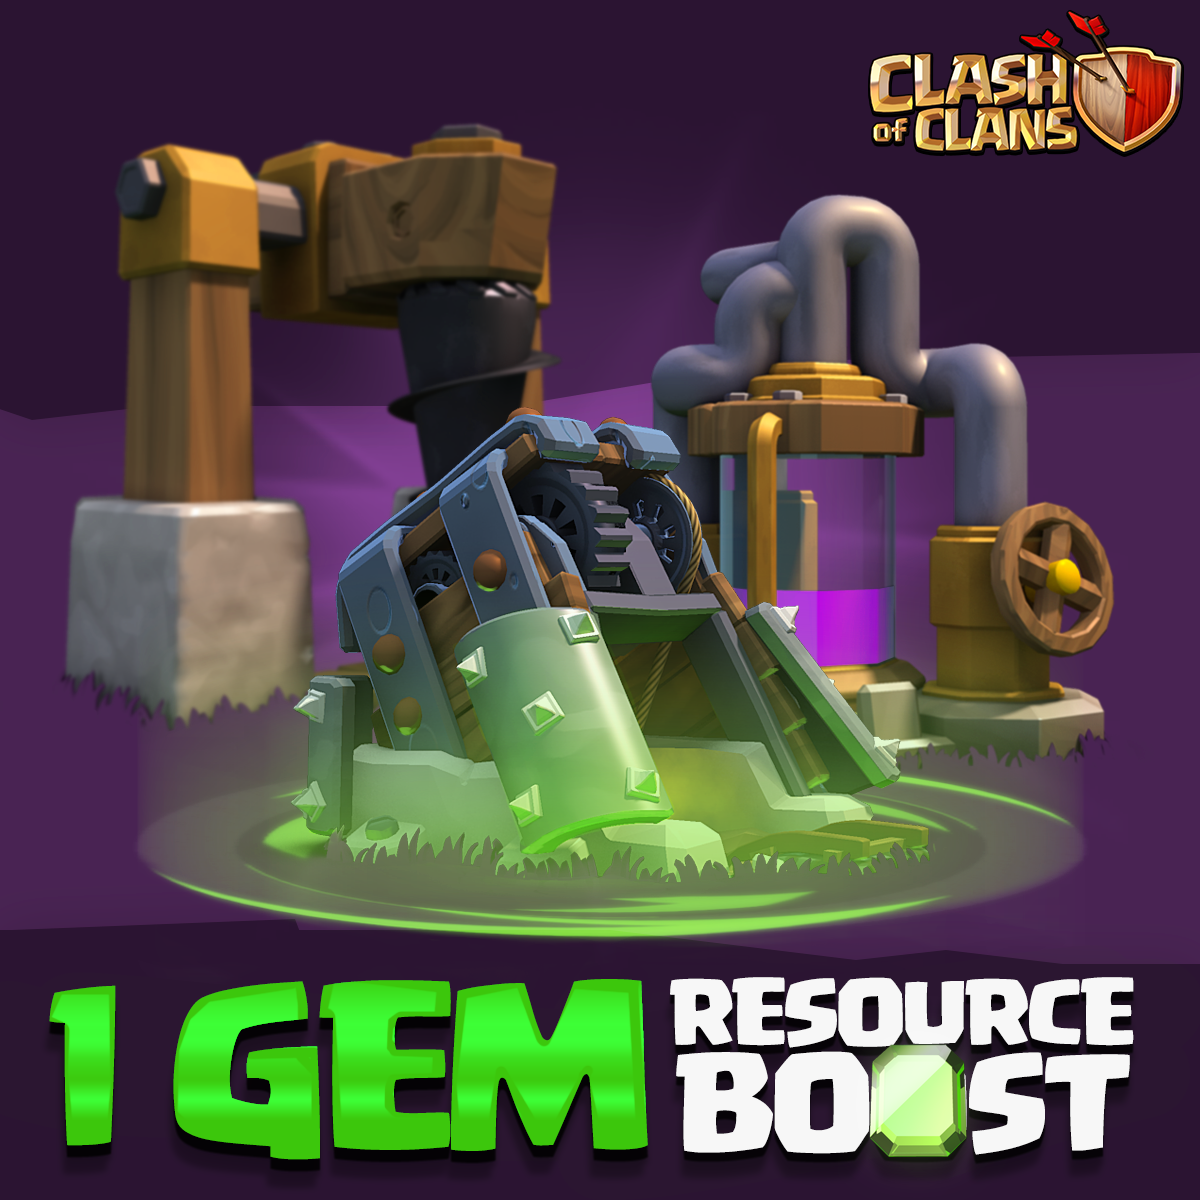 1 gem resource boost